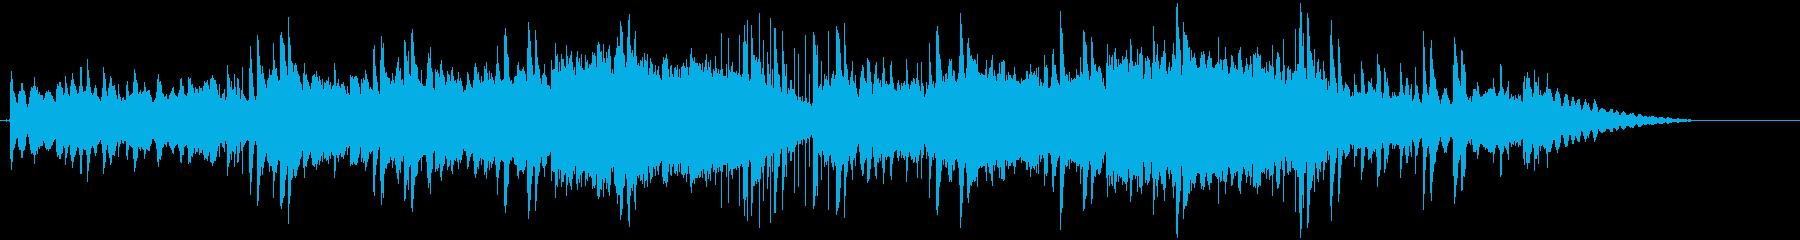 空間的な余韻が特徴のアンビエントの再生済みの波形